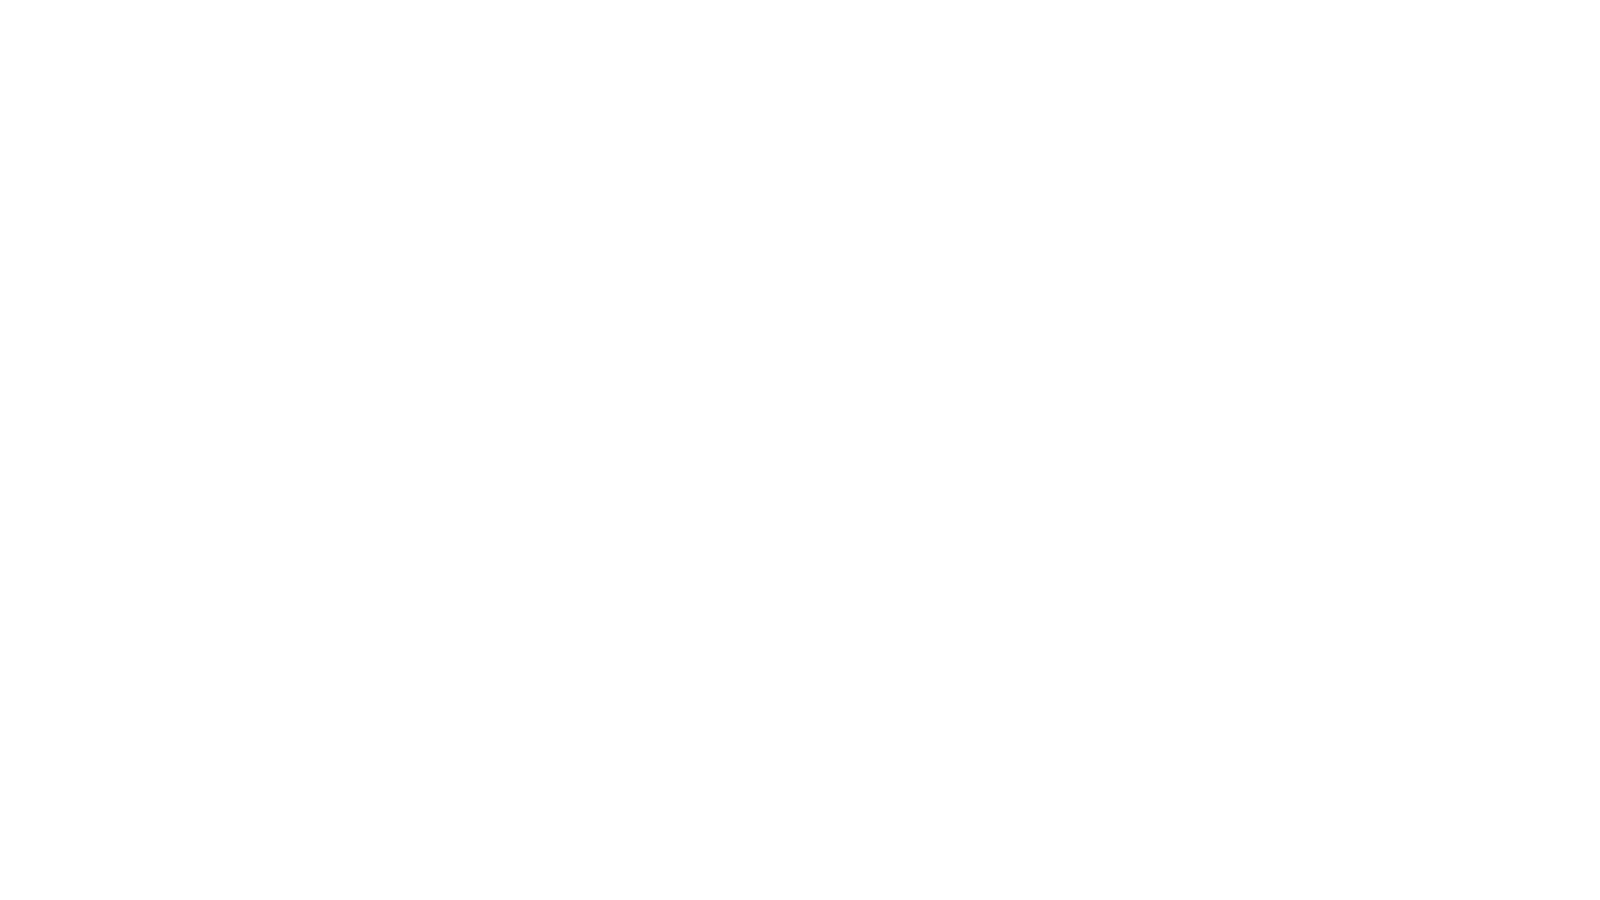 """L'undicesimo appuntamento di Situazione Critica si è tenuto mercoledì 11 dicembre 2019 a partire dalle 11:00 ed è stato l'occasione per presentare """"La dissolvenza del lavoro – Crisi e disoccupazione attraverso il cinema"""", pubblicato per i tipi della Ediesse.  Ne ha parlato, con Rosario Gallone, l'autore Emanuele Di Nicola.  https://www.pigrecoemme.com/blog/situazione-critica-11-la-rappresentazione-del-lavoro-al-cinema/"""